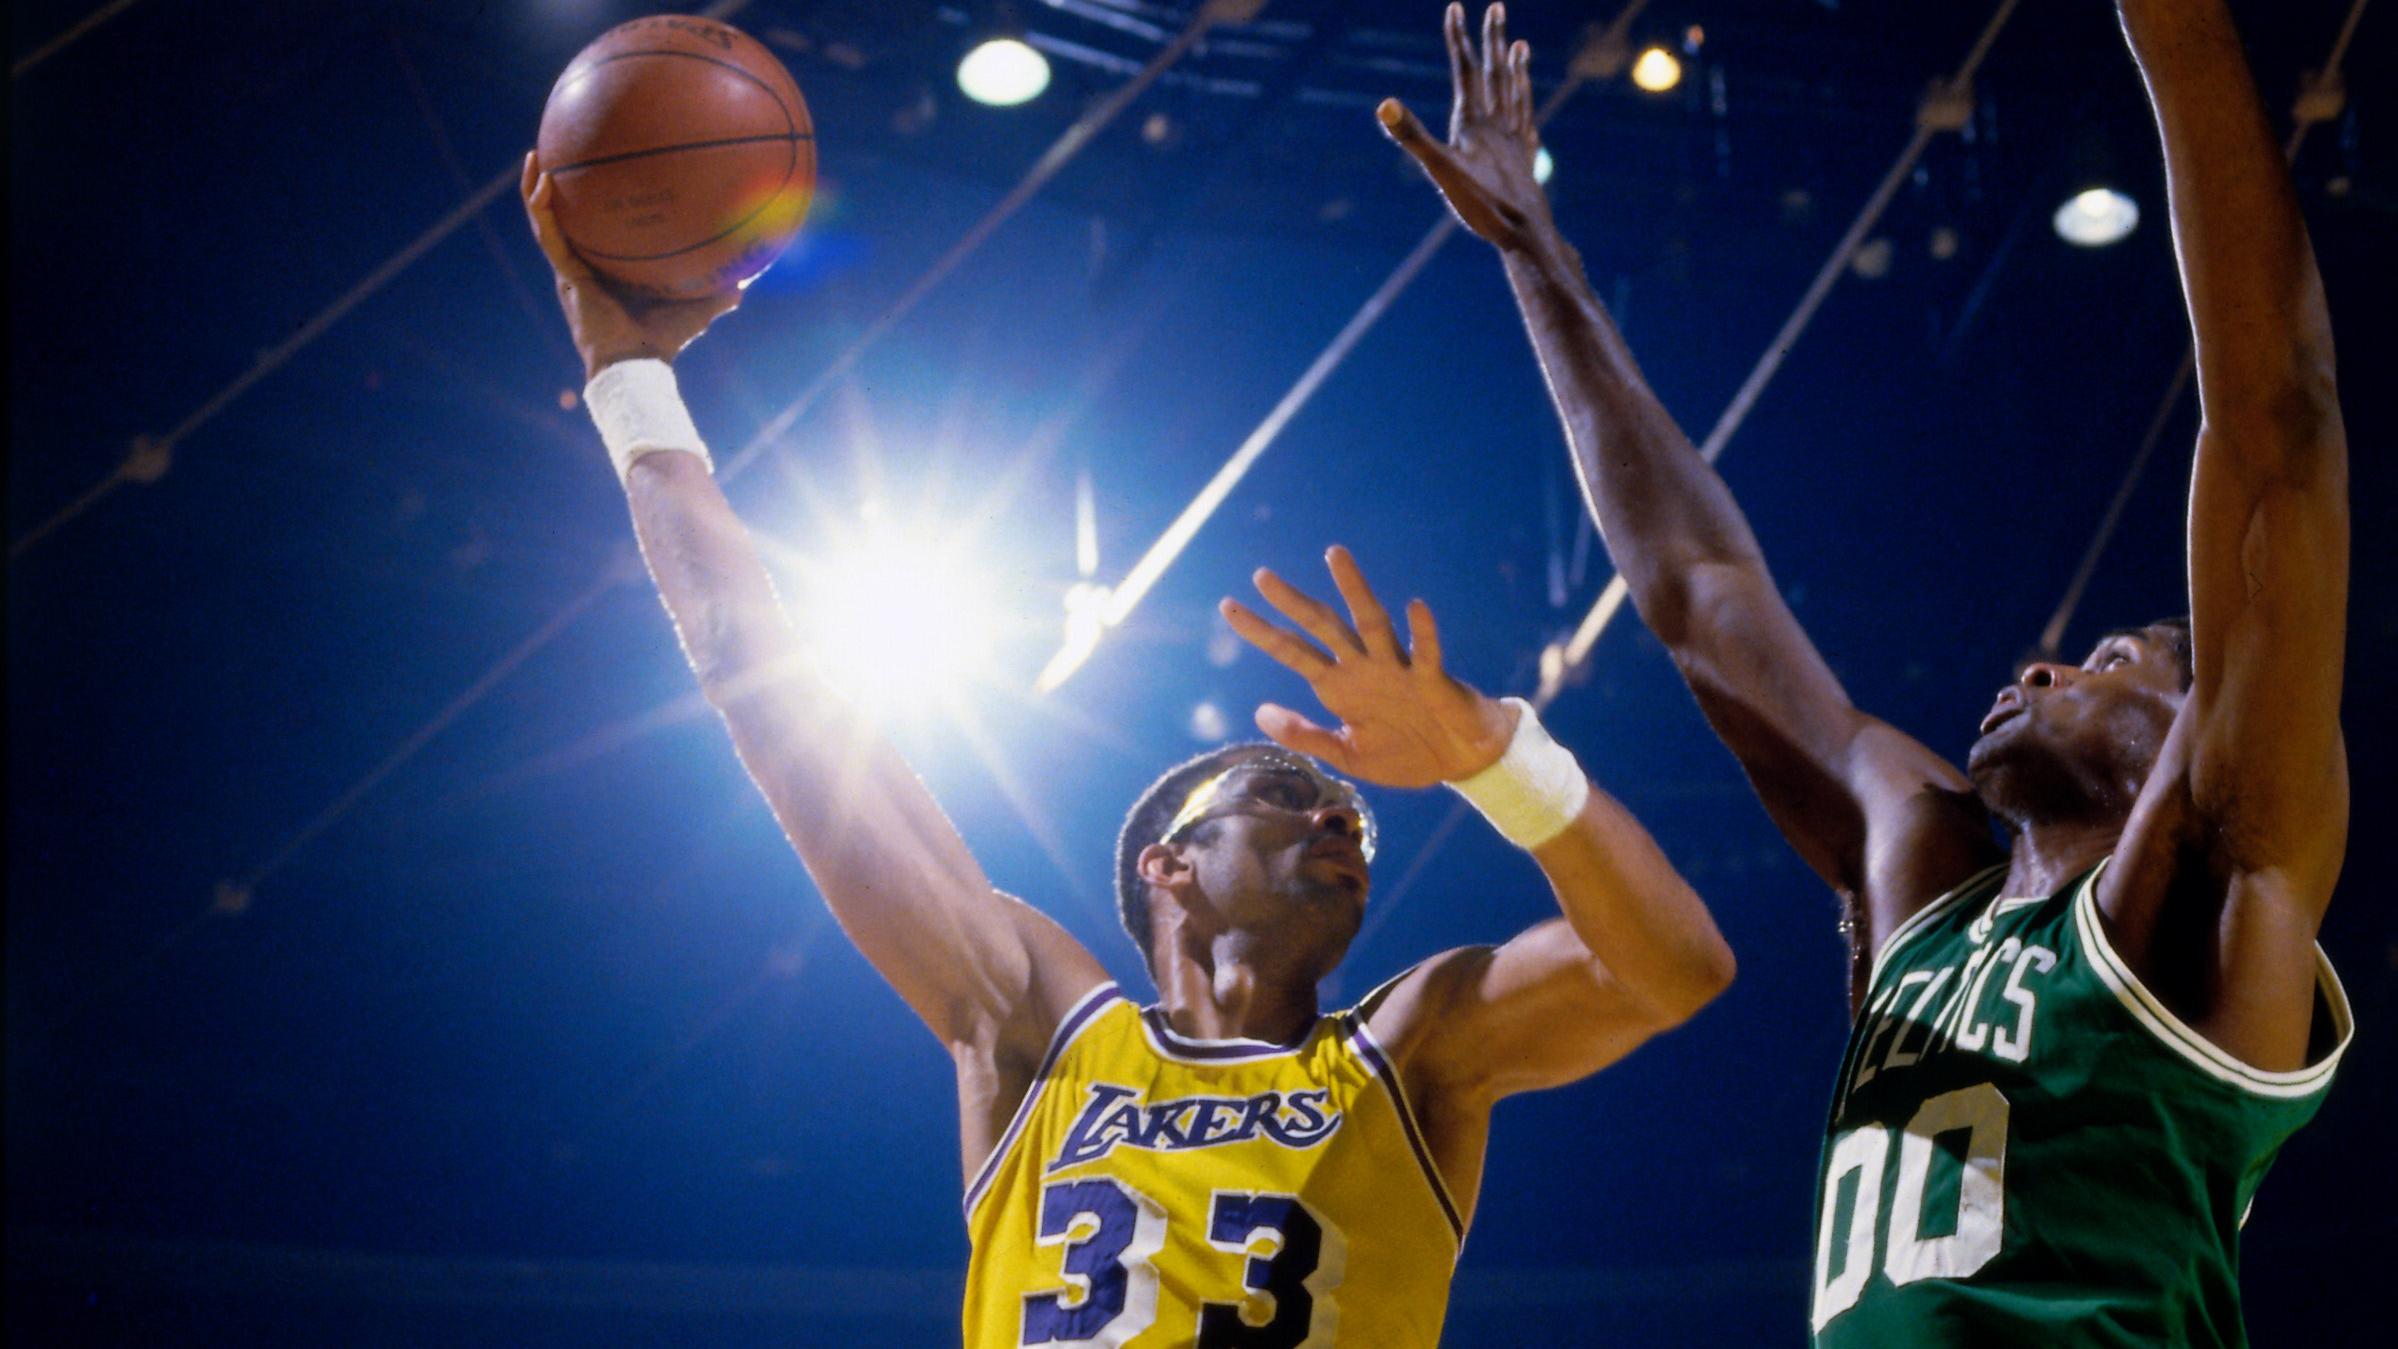 Kareem Lead